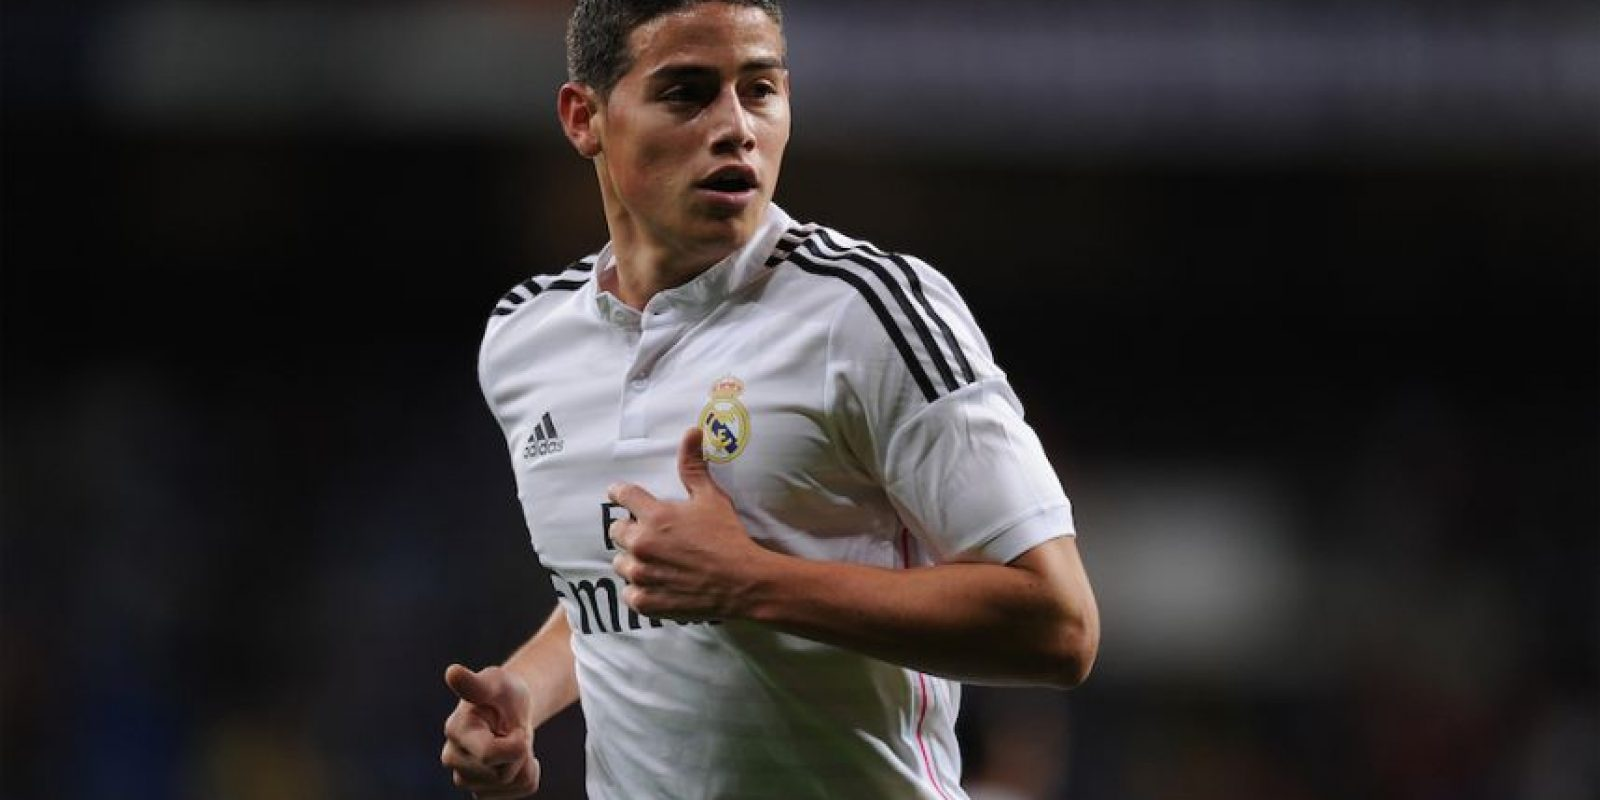 El colombiano de 23 años fue fichado por el Real Madrid español del AS Mónaco. Foto:Getty Images